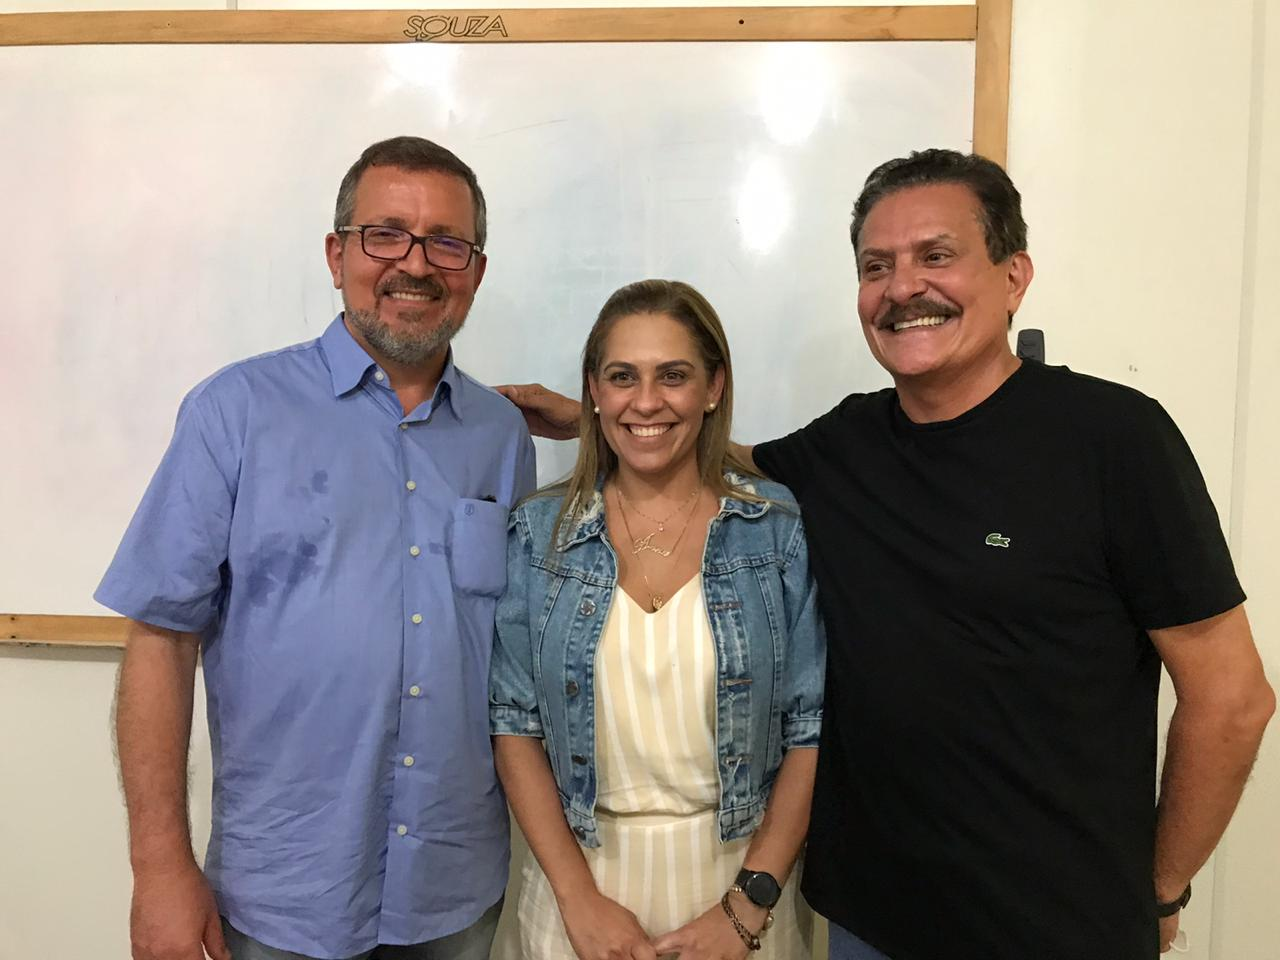 WhatsApp Image 2020 11 04 at 08.09.13 1 - UNIÃO HISTÓRICA EM AREIA: Aparecida Gomes renuncia candidatura a prefeita para apoiar Dra. Silvia - VEJA VÍDEOS